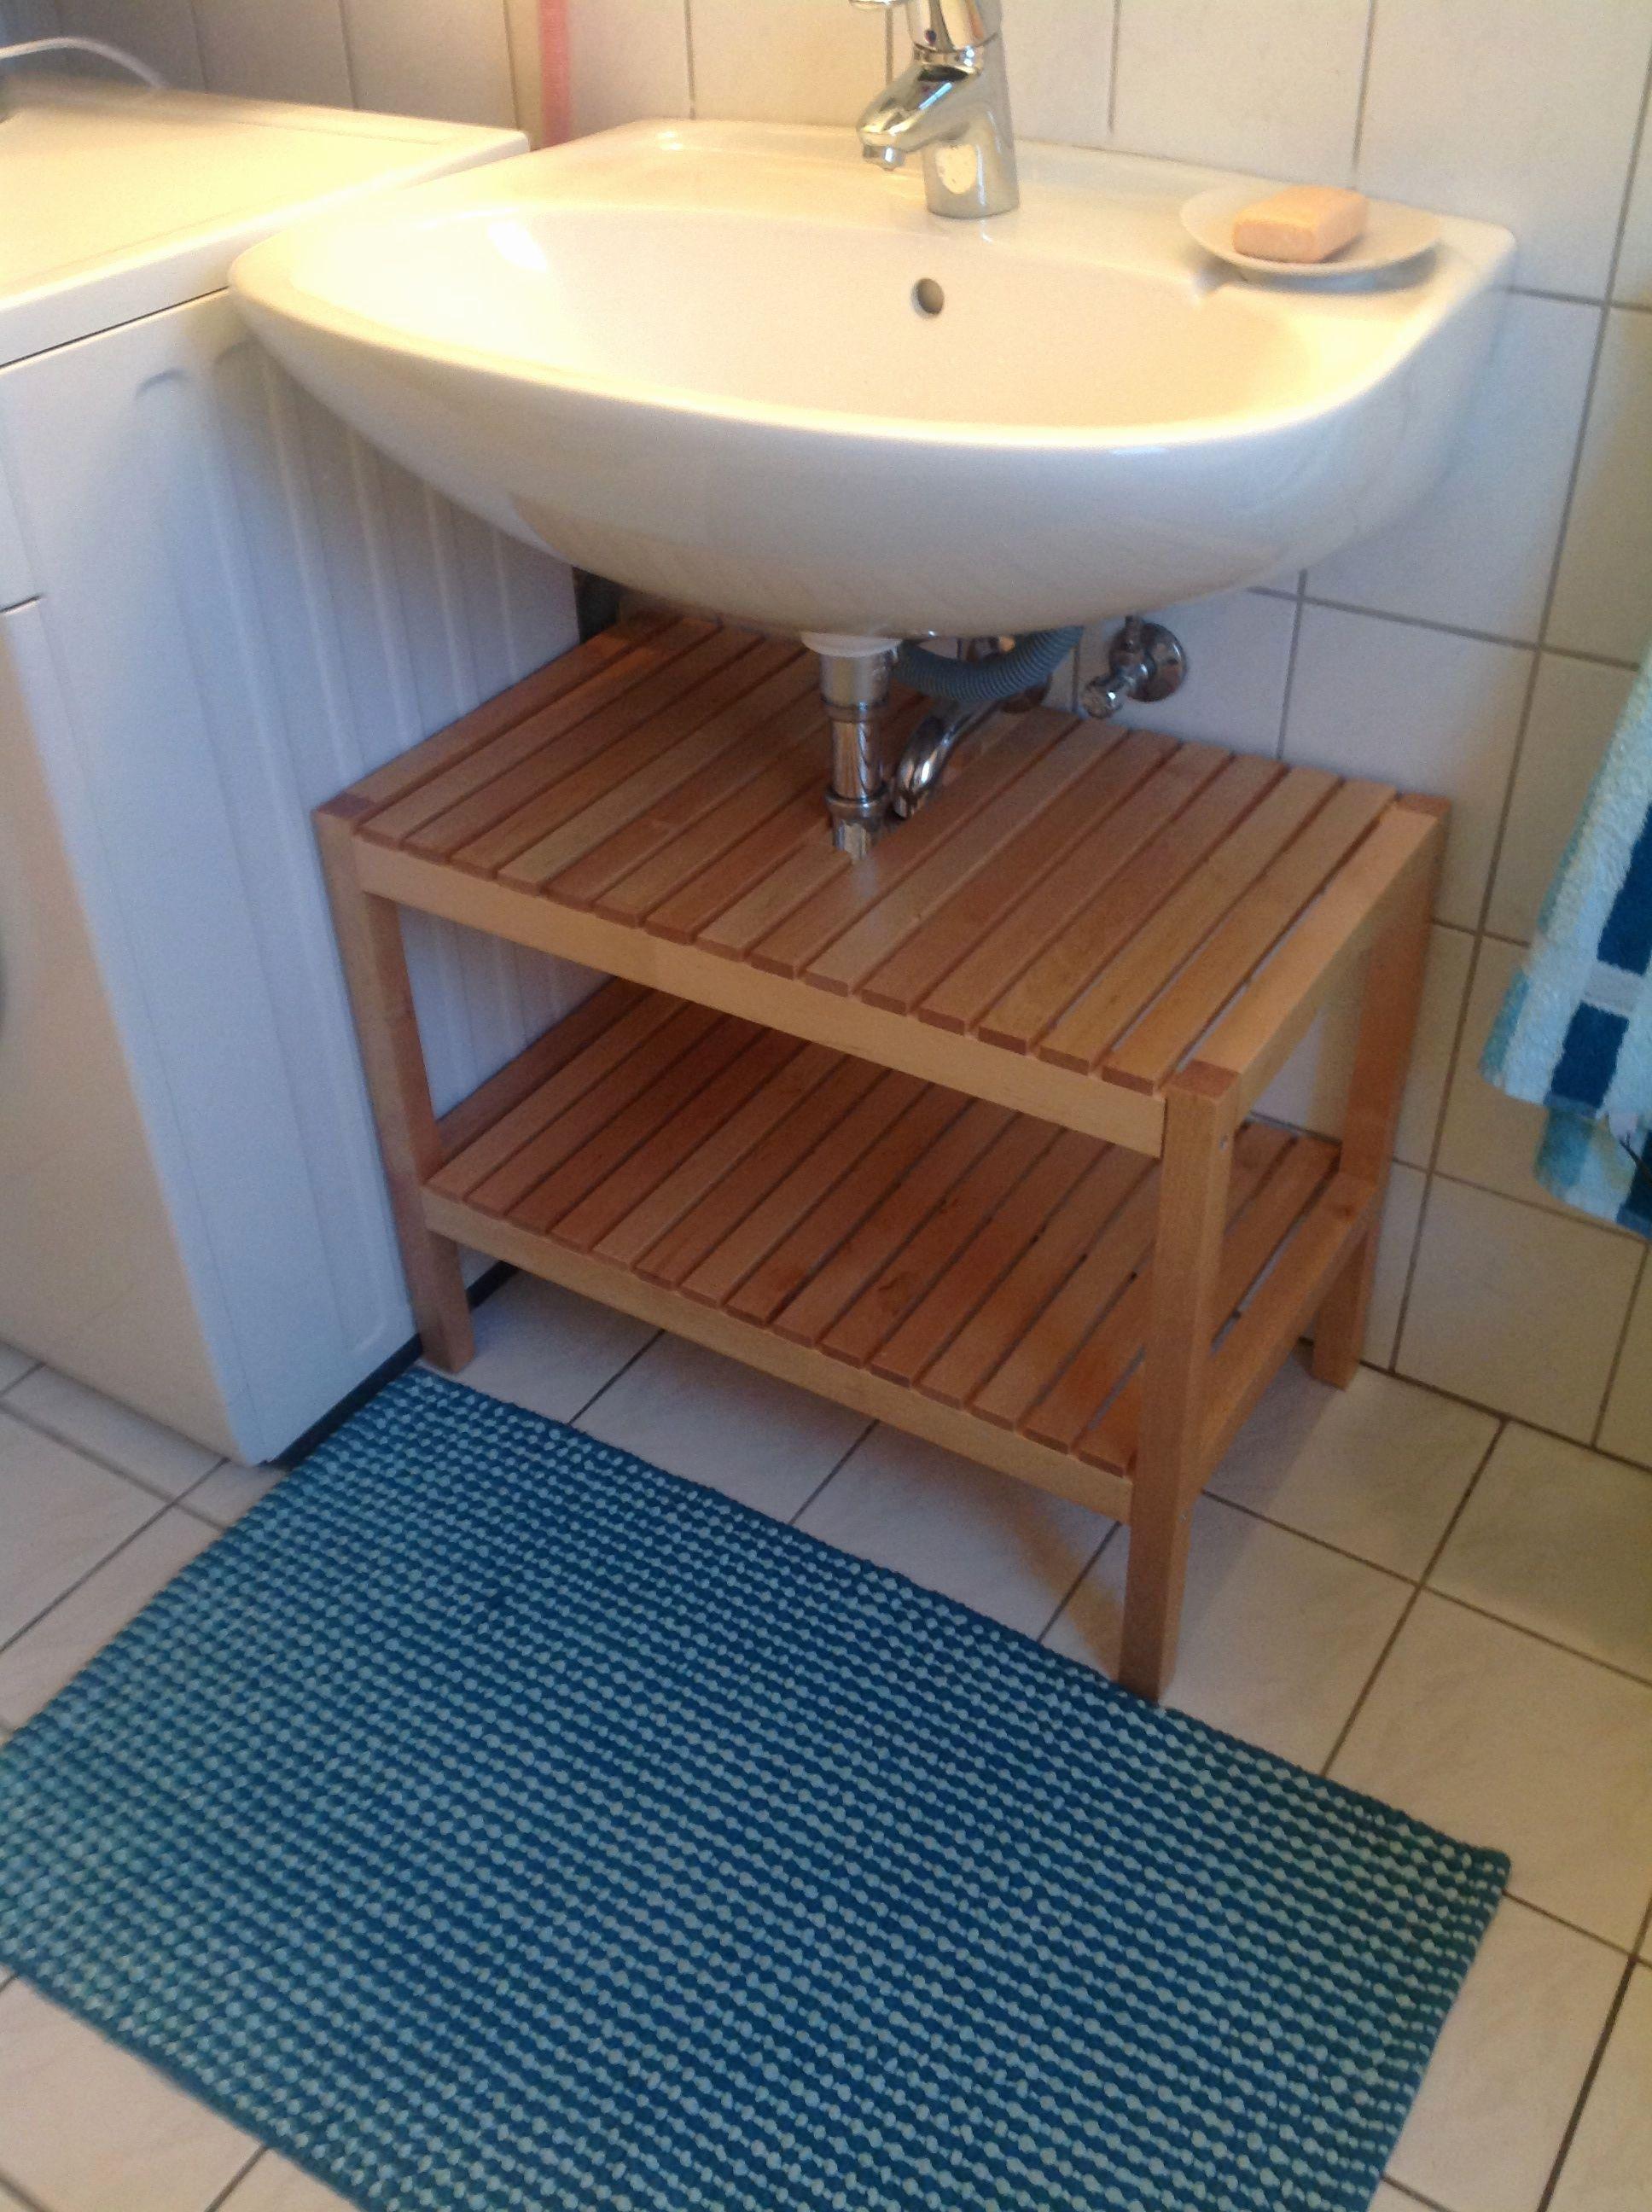 41 Herrlich Badezimmer Handtuch Aufbewahrung Badezimmer Aufbewahrung Badezimmer Badezimmer Schrank